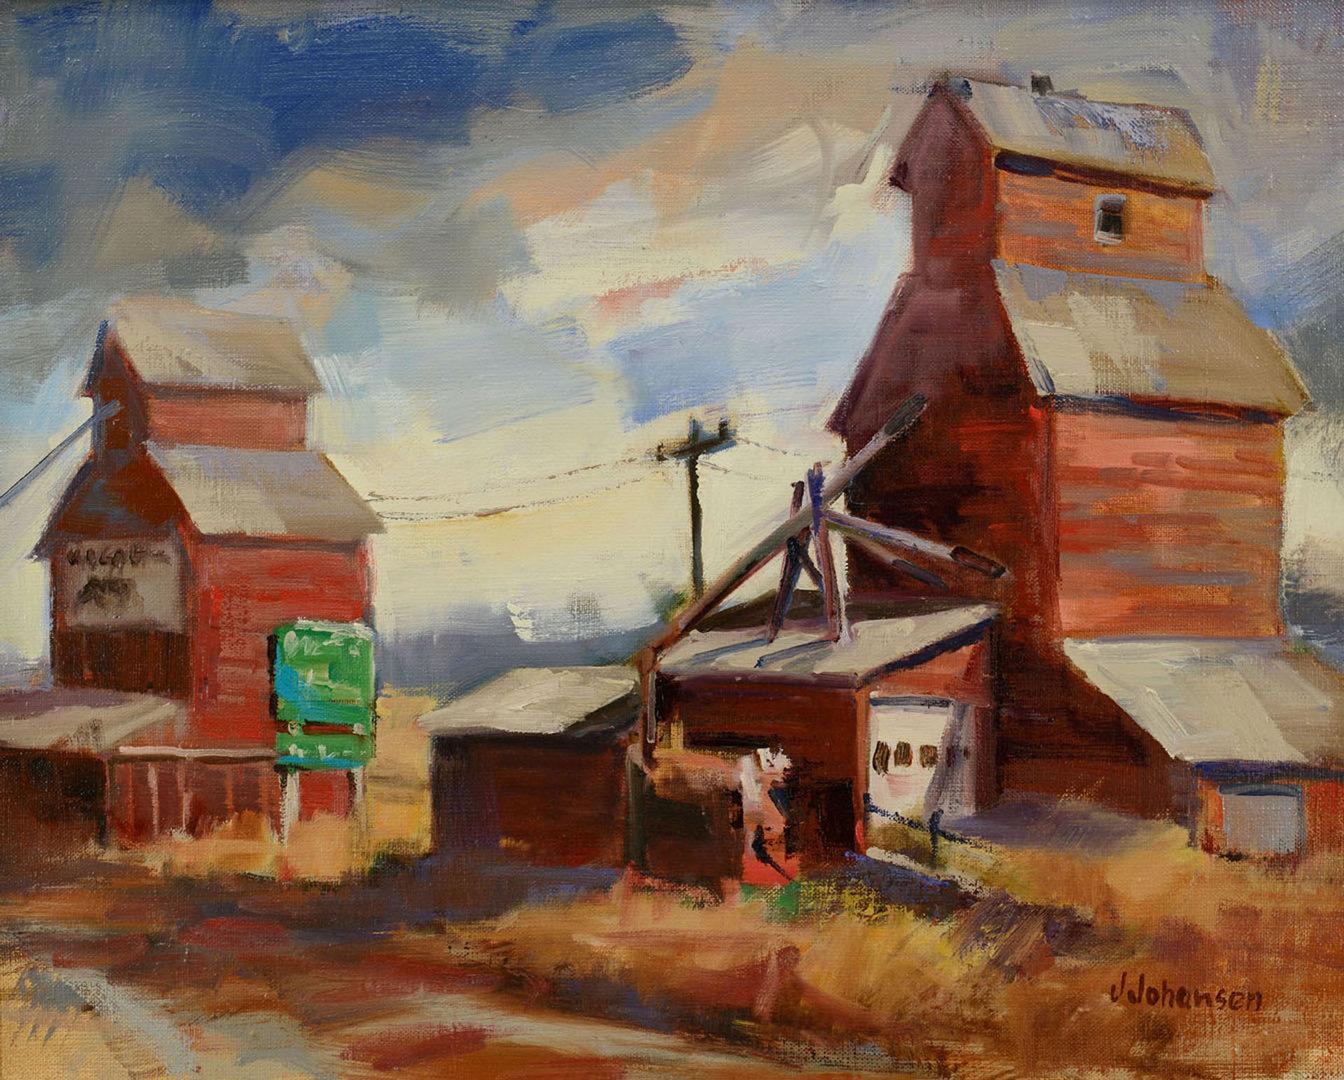 """Lot 340: Jan Johansen Oil on Canvas, """"Hello Hobson"""""""